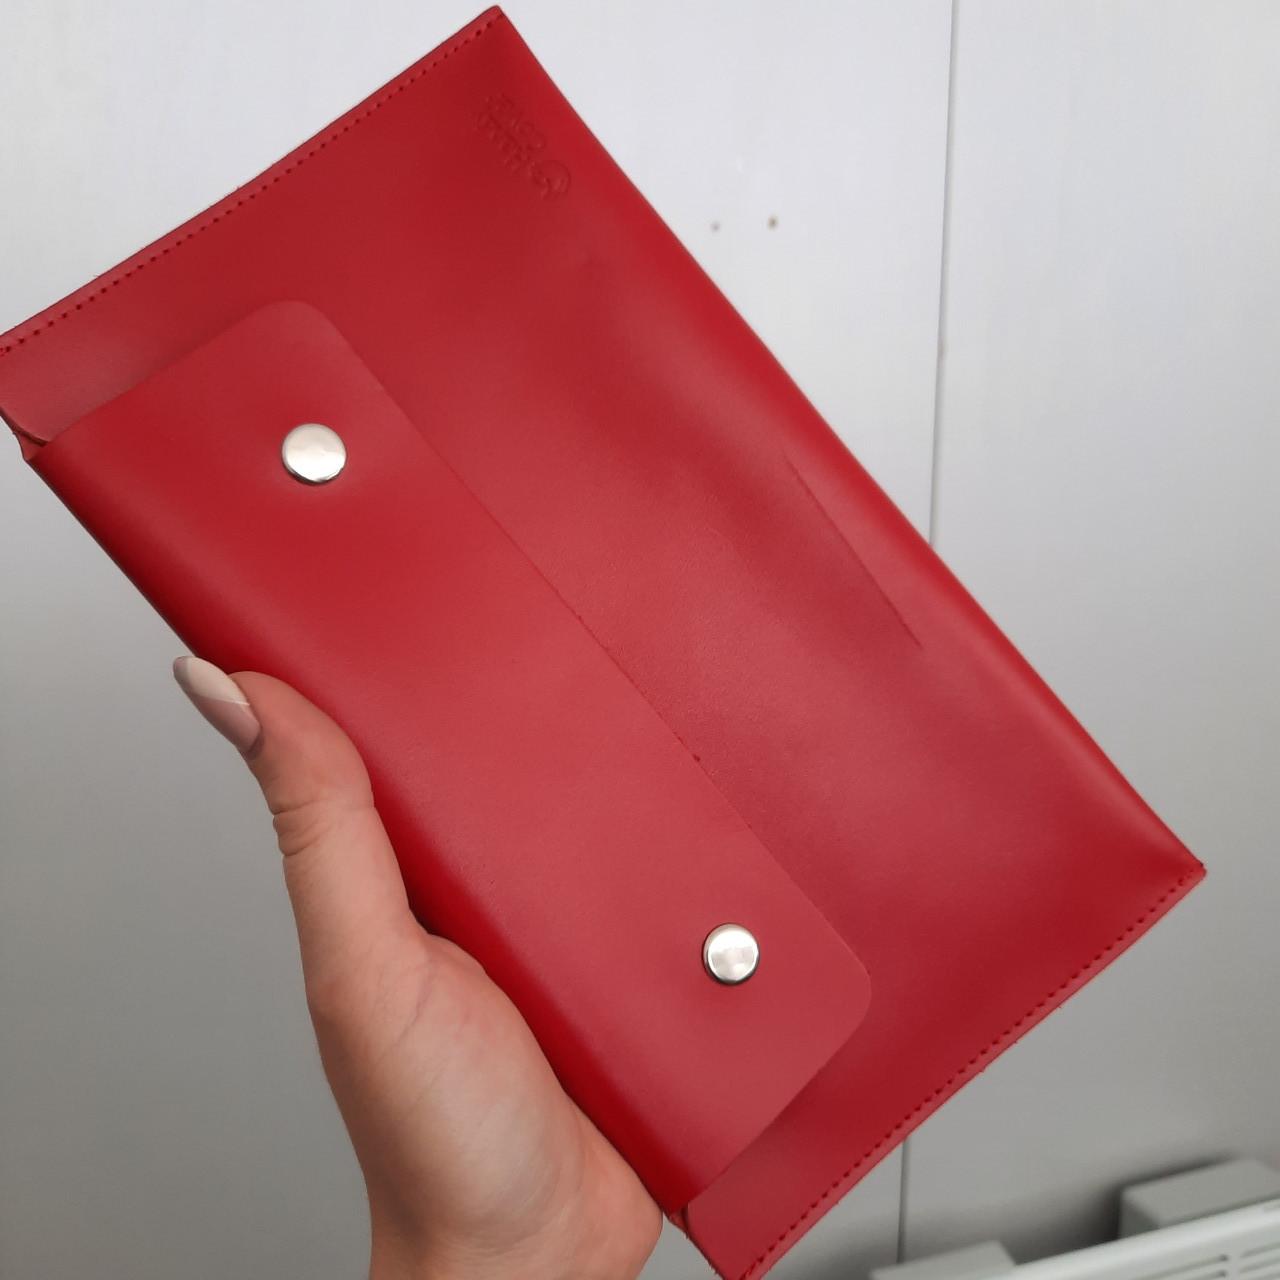 УЦІНКА!! Тревел-конверт для подорожей шкіряний на кнопках HC червоний